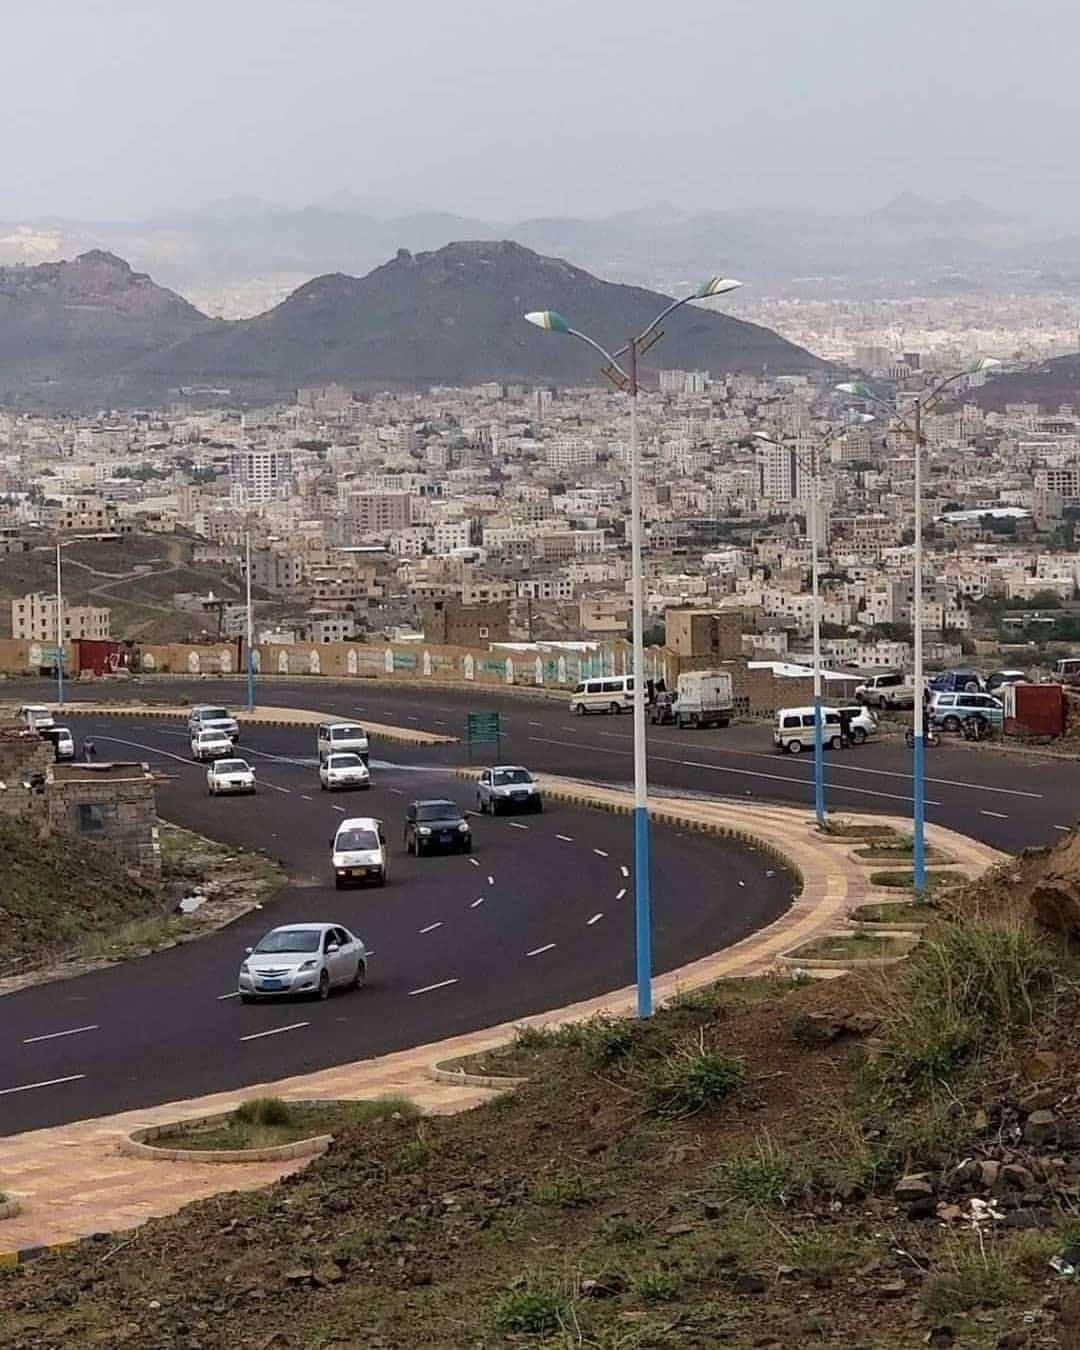 مطالبات بإيقاف وإقالة رئيس محكمة بني مطر لأسباب تنتهك لوائح وأنظمة الأجهزة القضائية .. ؟!